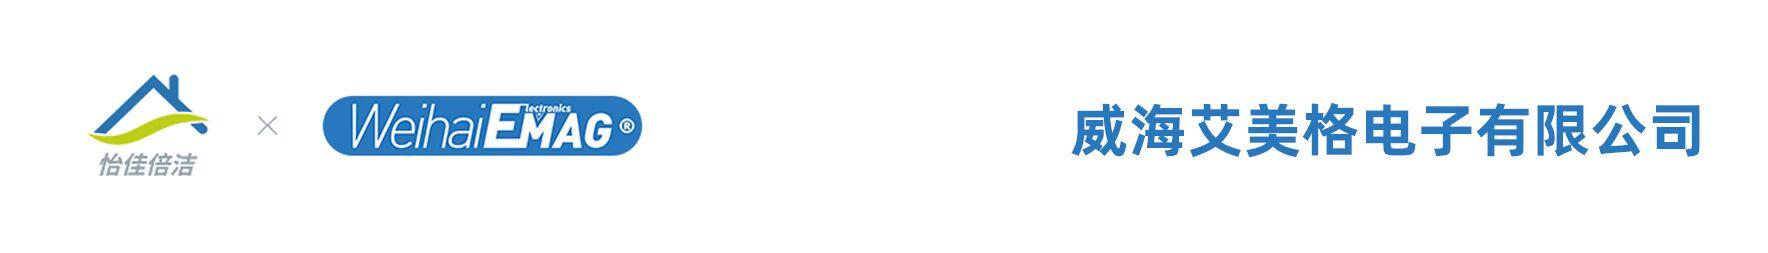 威海艾美格電子有限公司